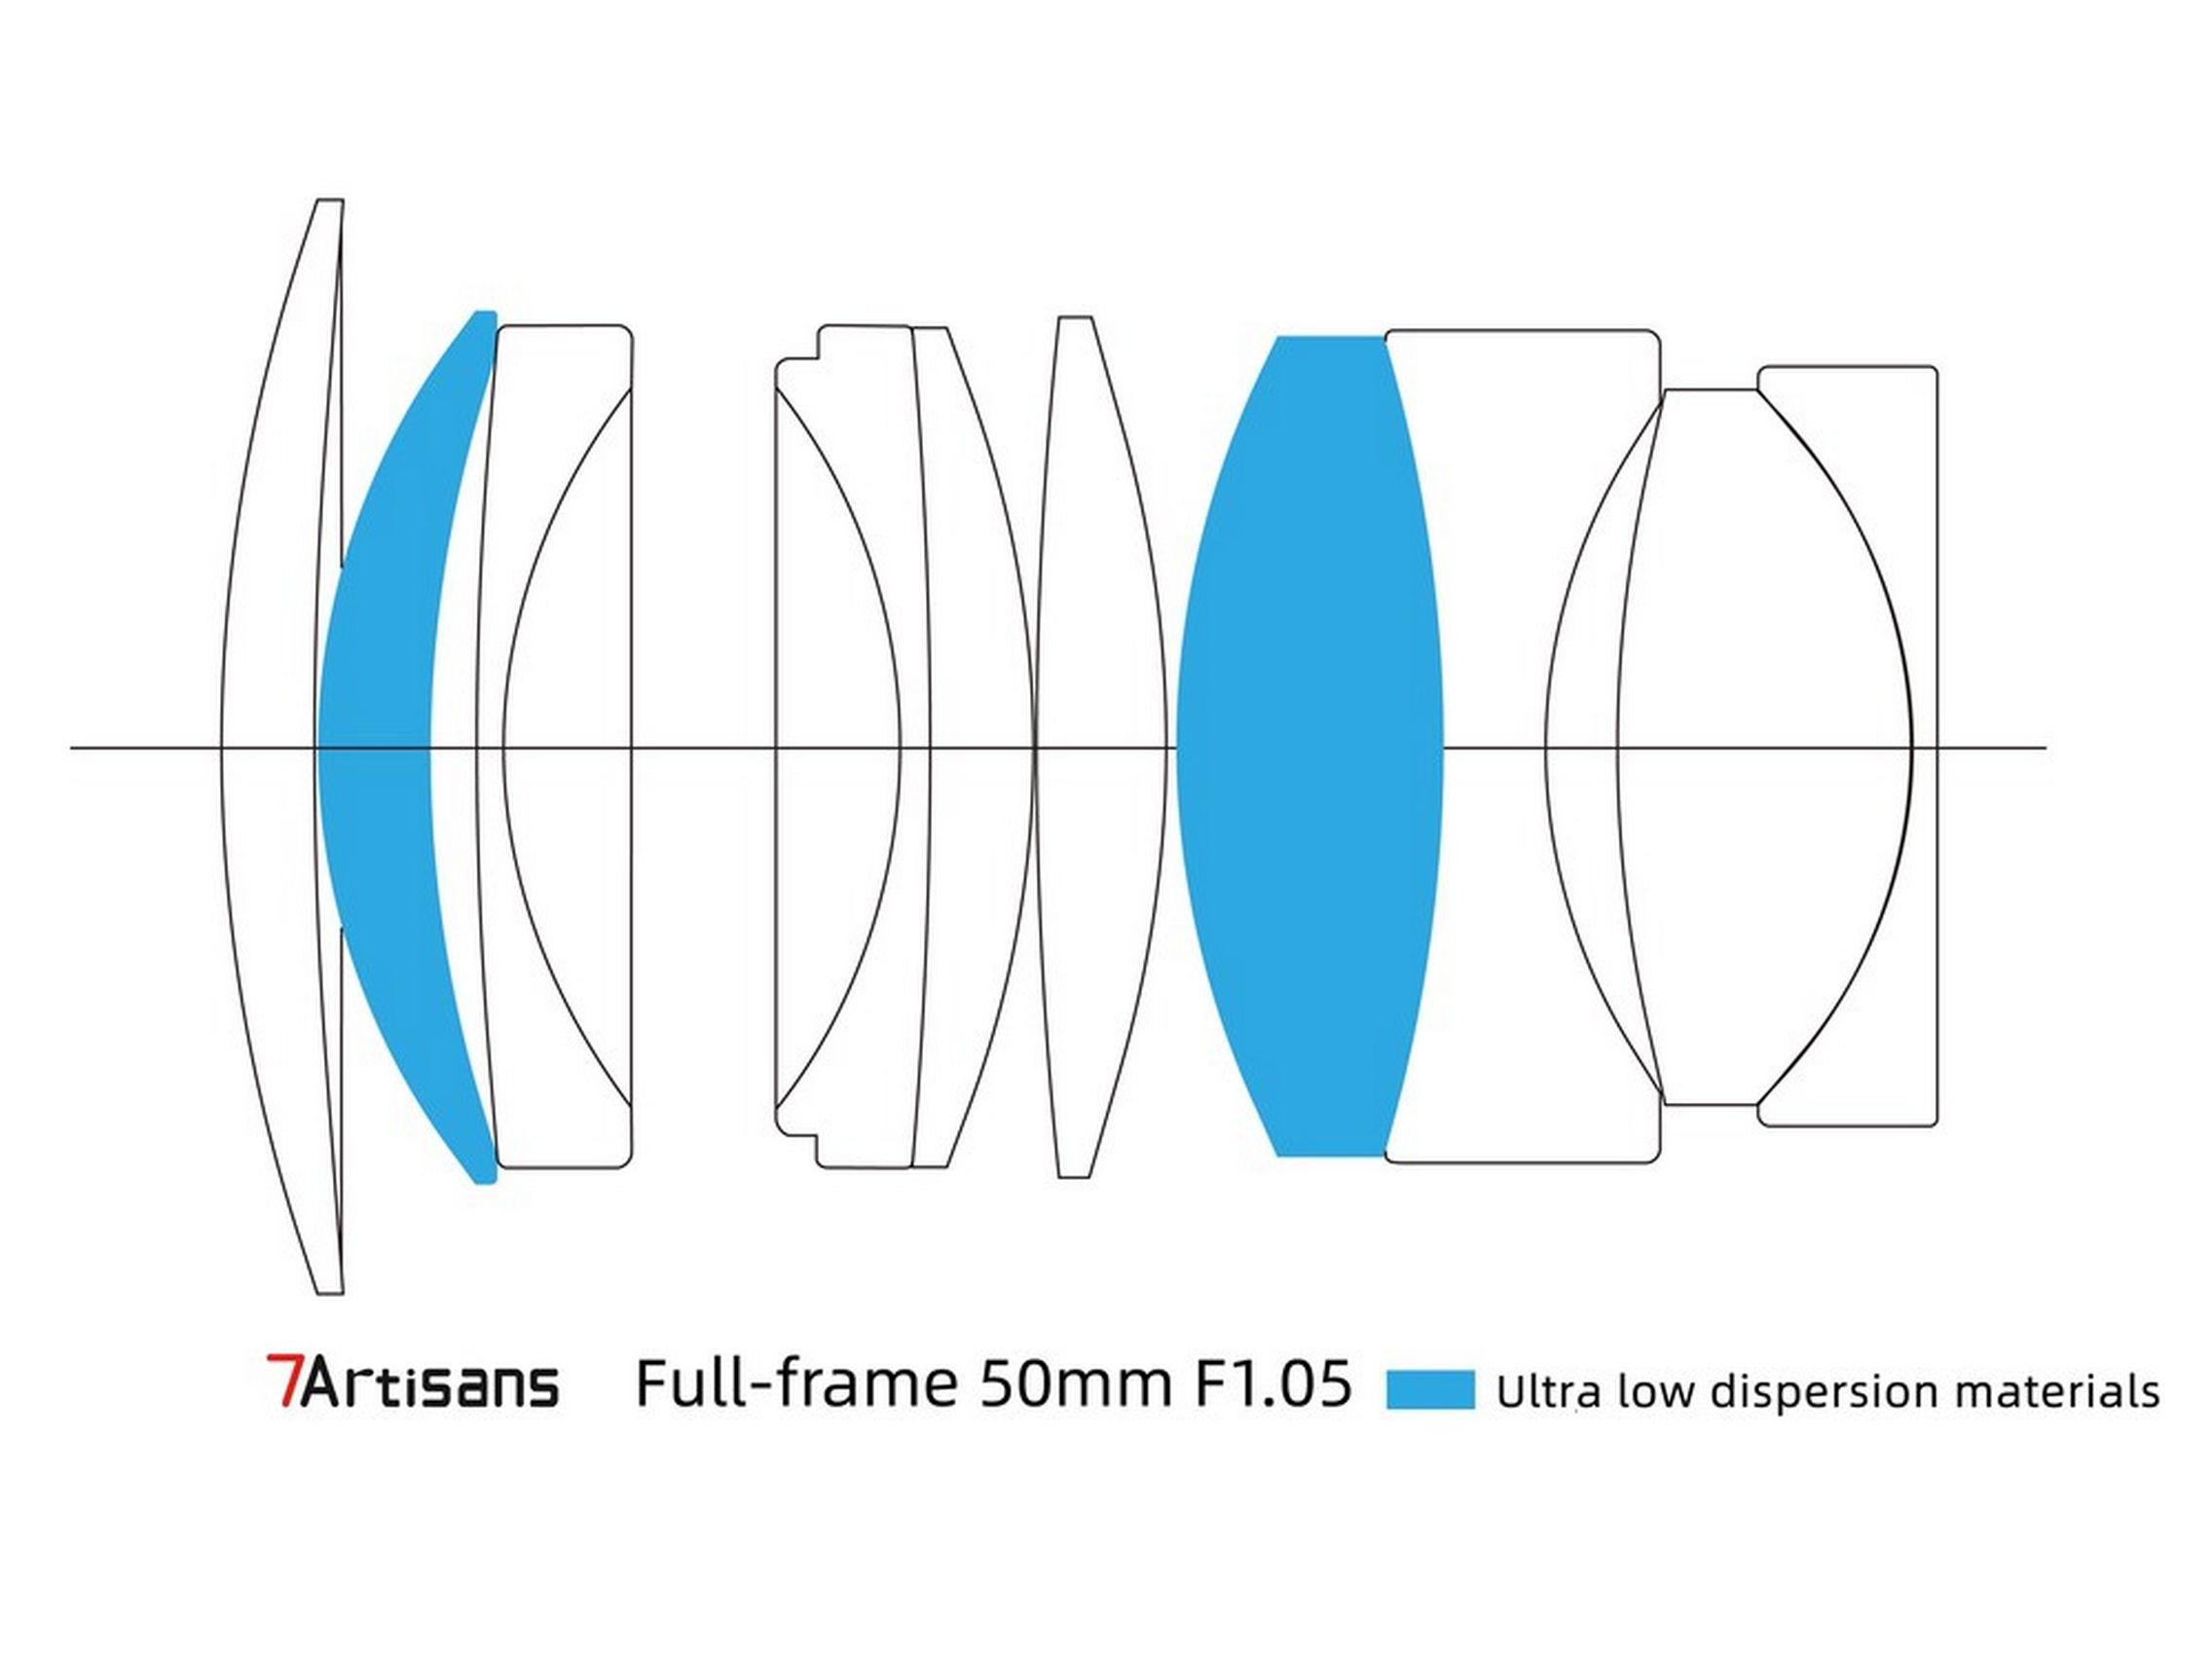 7Artisans 50mm 1:1.05